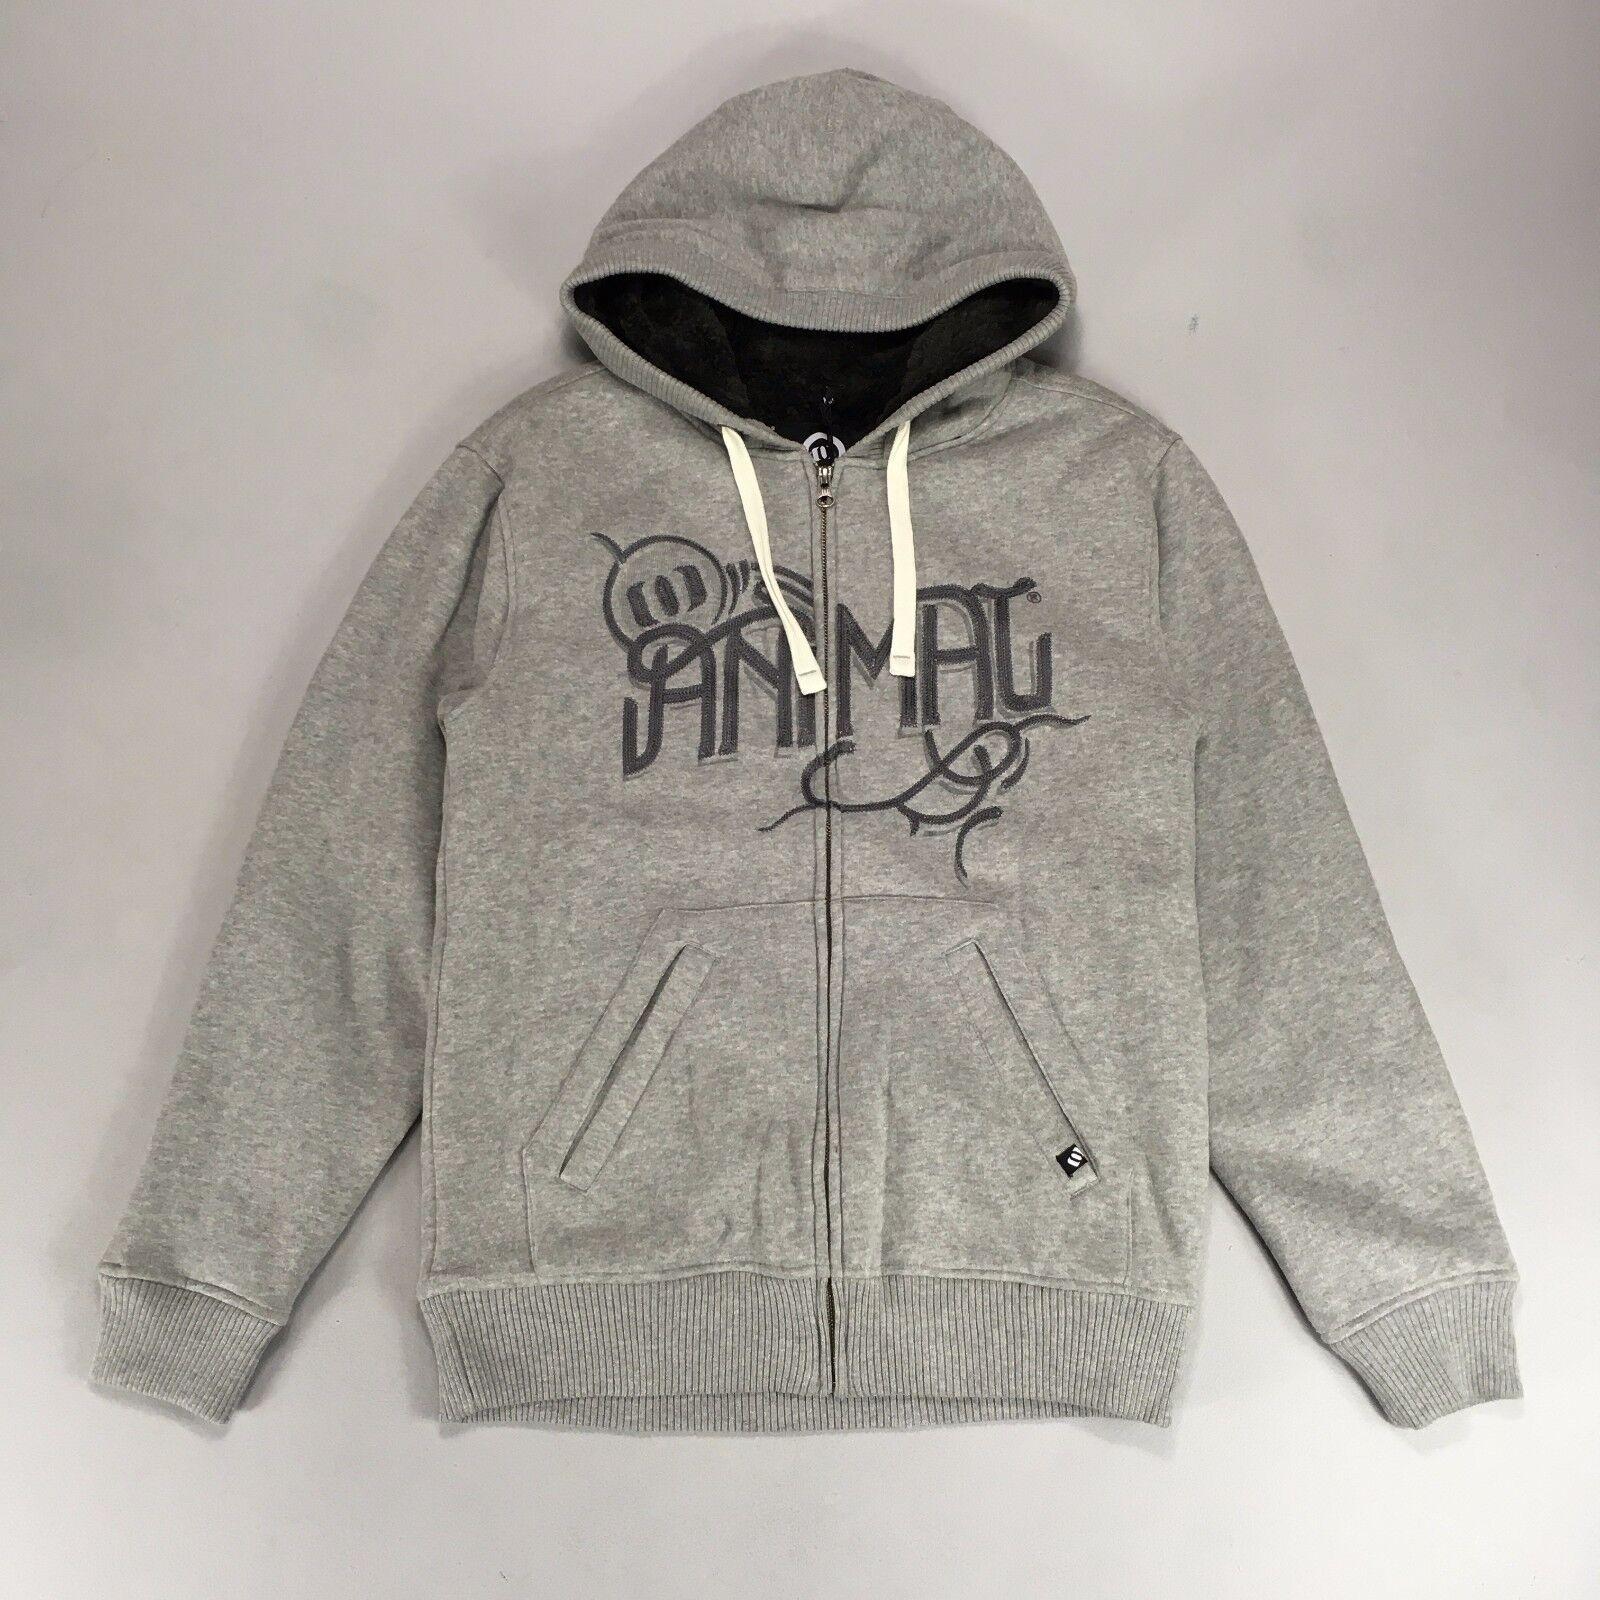 Animal Deluxe Zip Sherpa hoody - Grau - S